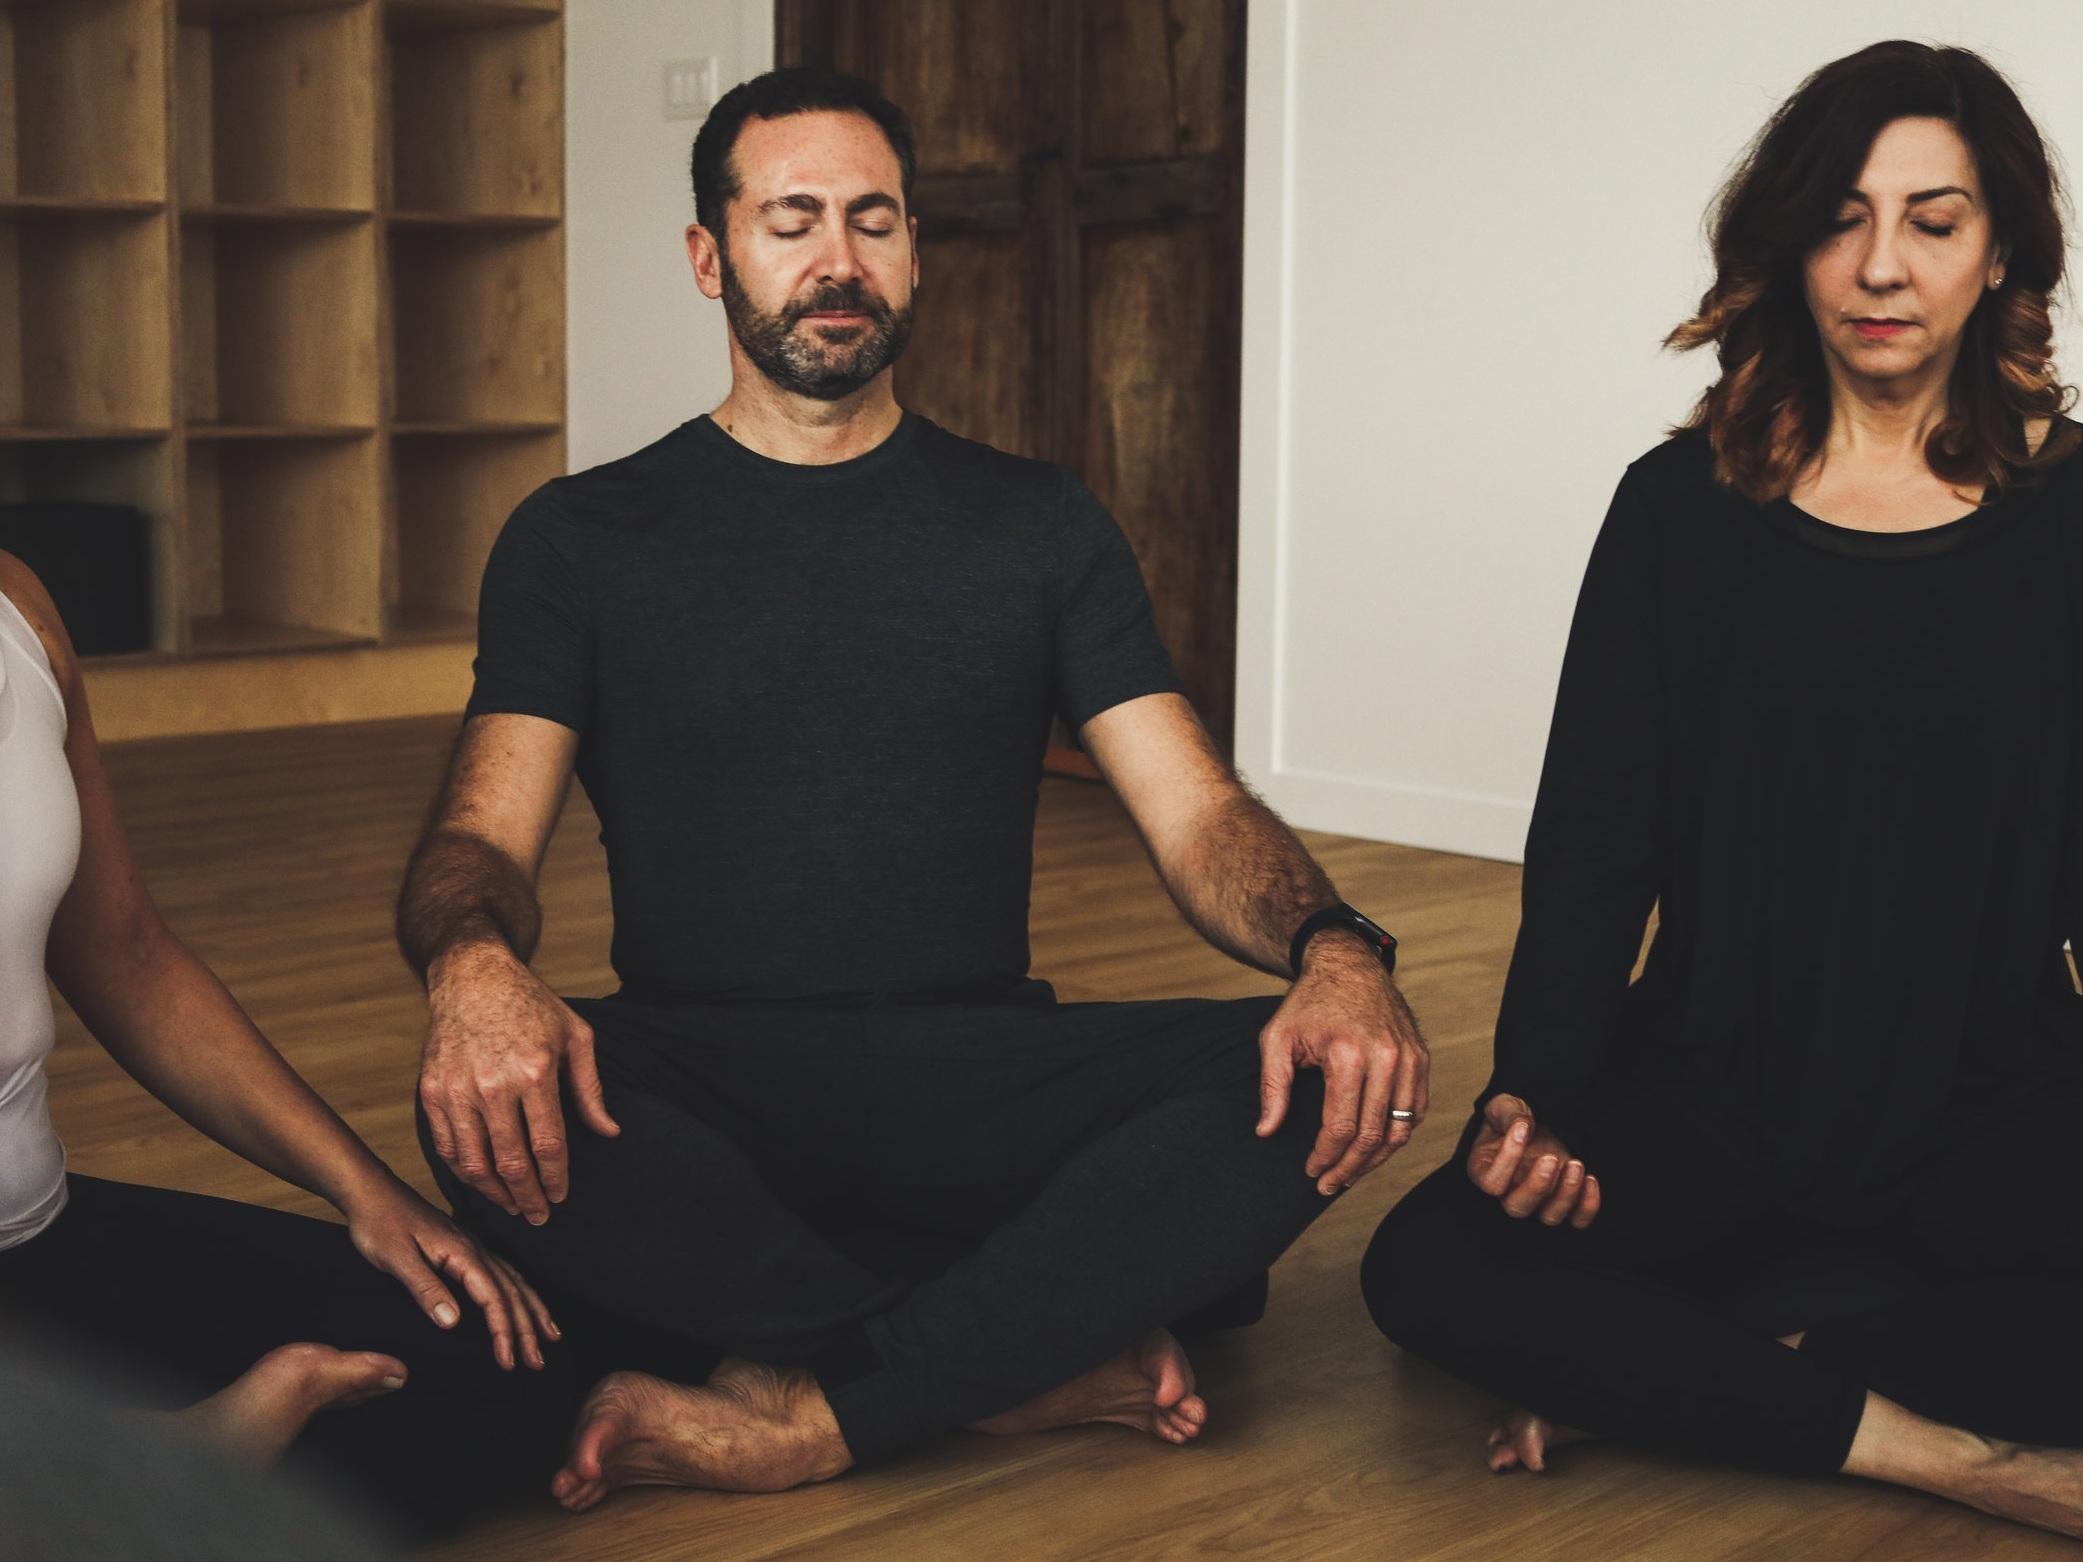 PLEINE CONSCIENCE - Commencez votre semaine avec une pratique de la pleine conscience, qui comprends des étirements de base, des exercices de respiration profonde et des techniques permettant de réduire le stress et de calmer le système nerveux. Pour tous les niveaux. Des chaises sont disponibles si besoin.